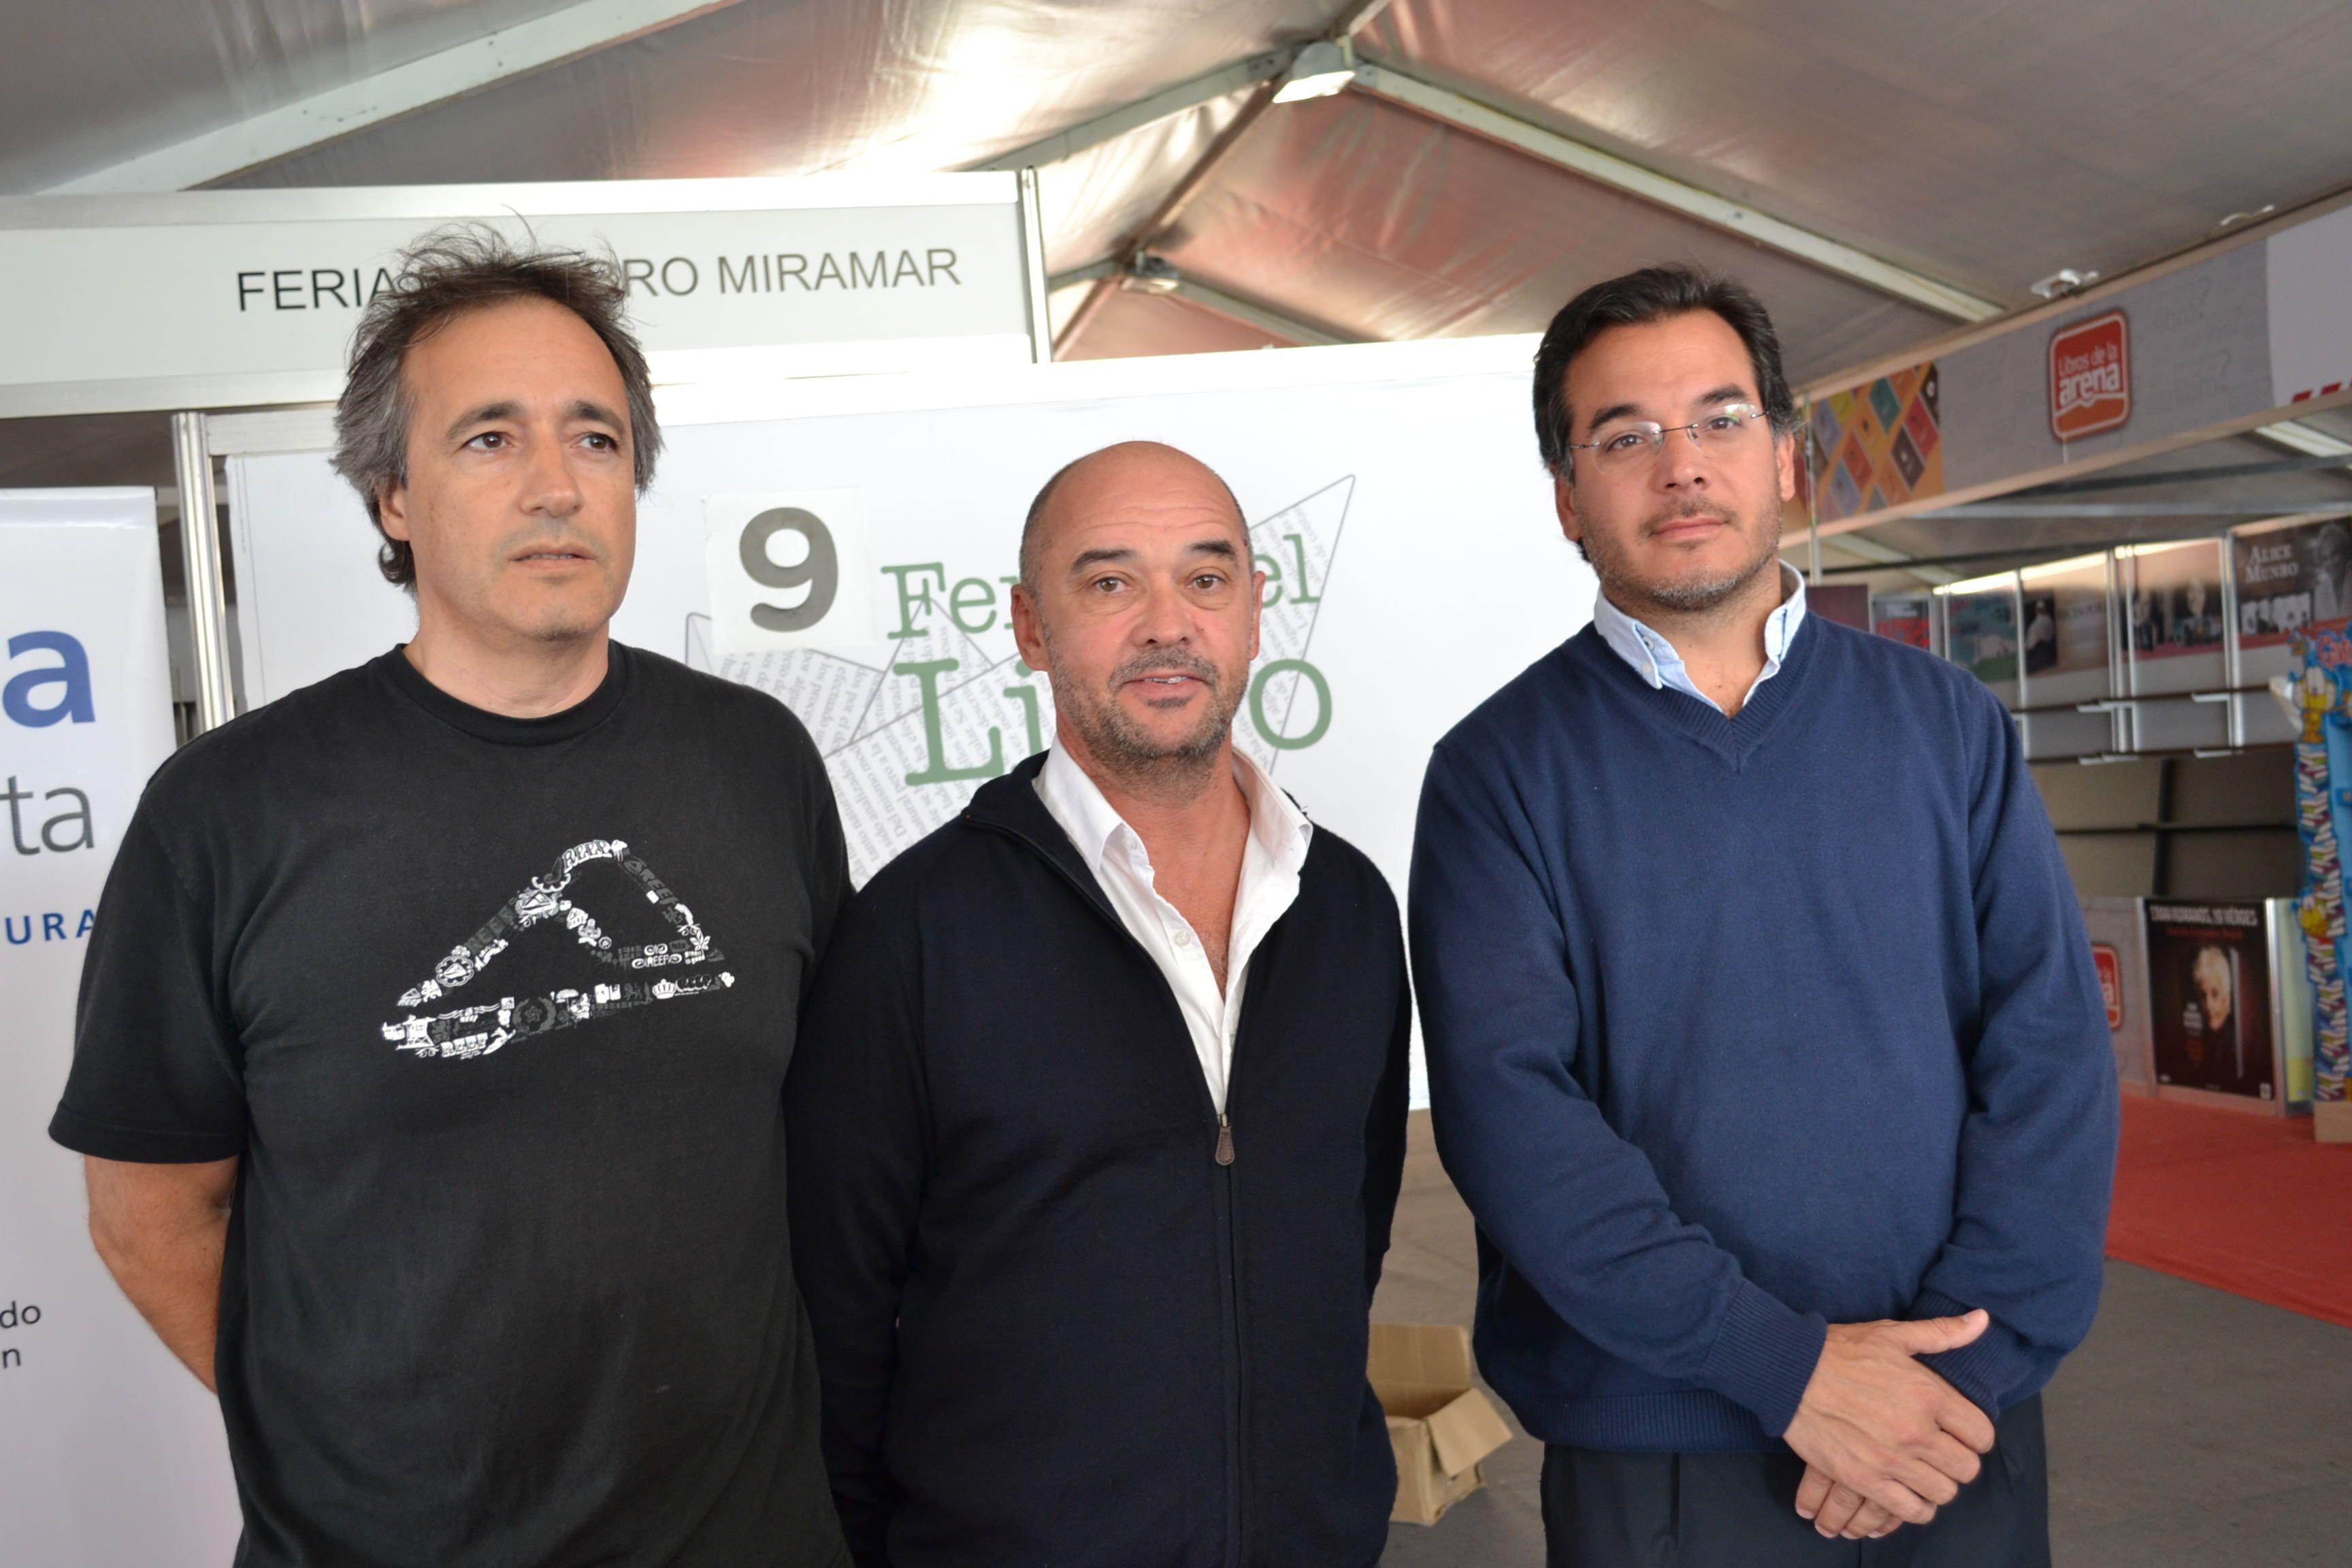 De derecha a izquierda, Tibeiro, Rodríguez y Laserna